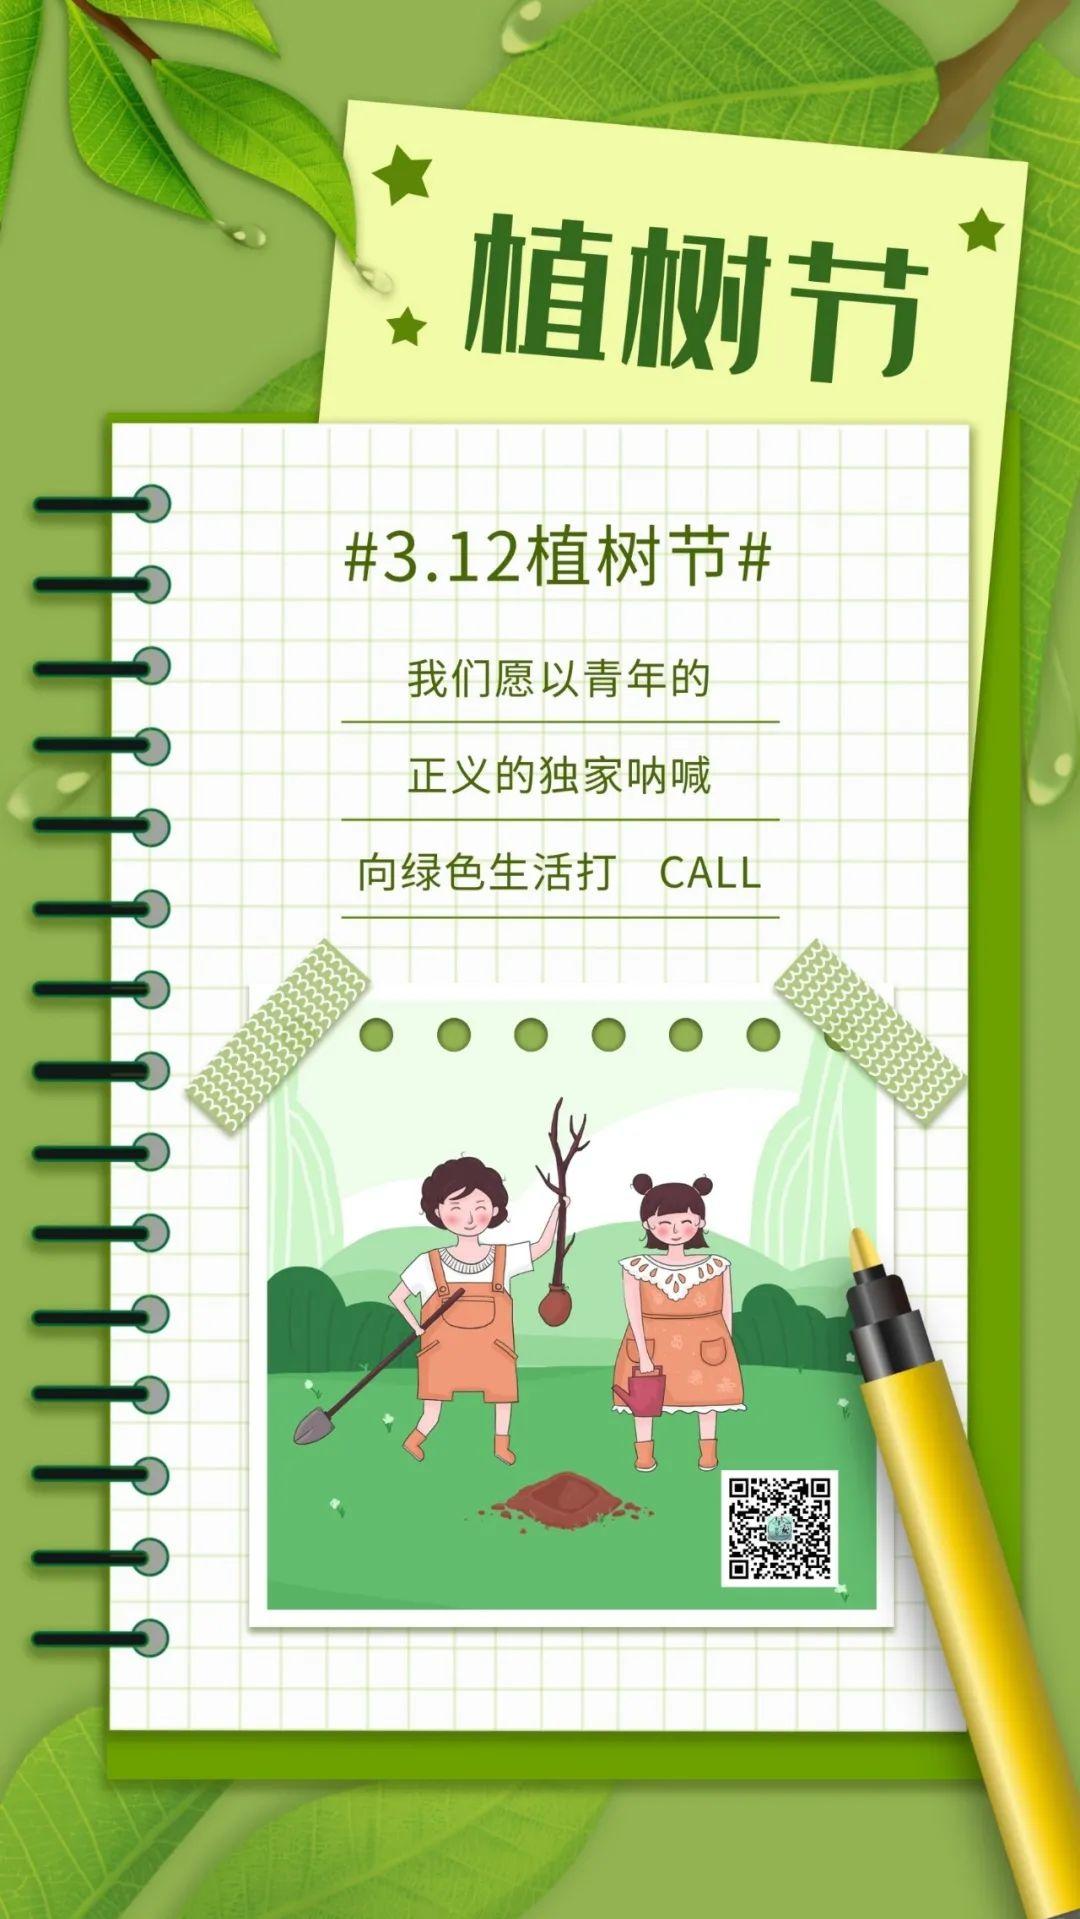 3月12日朋友圈植树节文案:大手拉小手,同栽一片绿!插图3